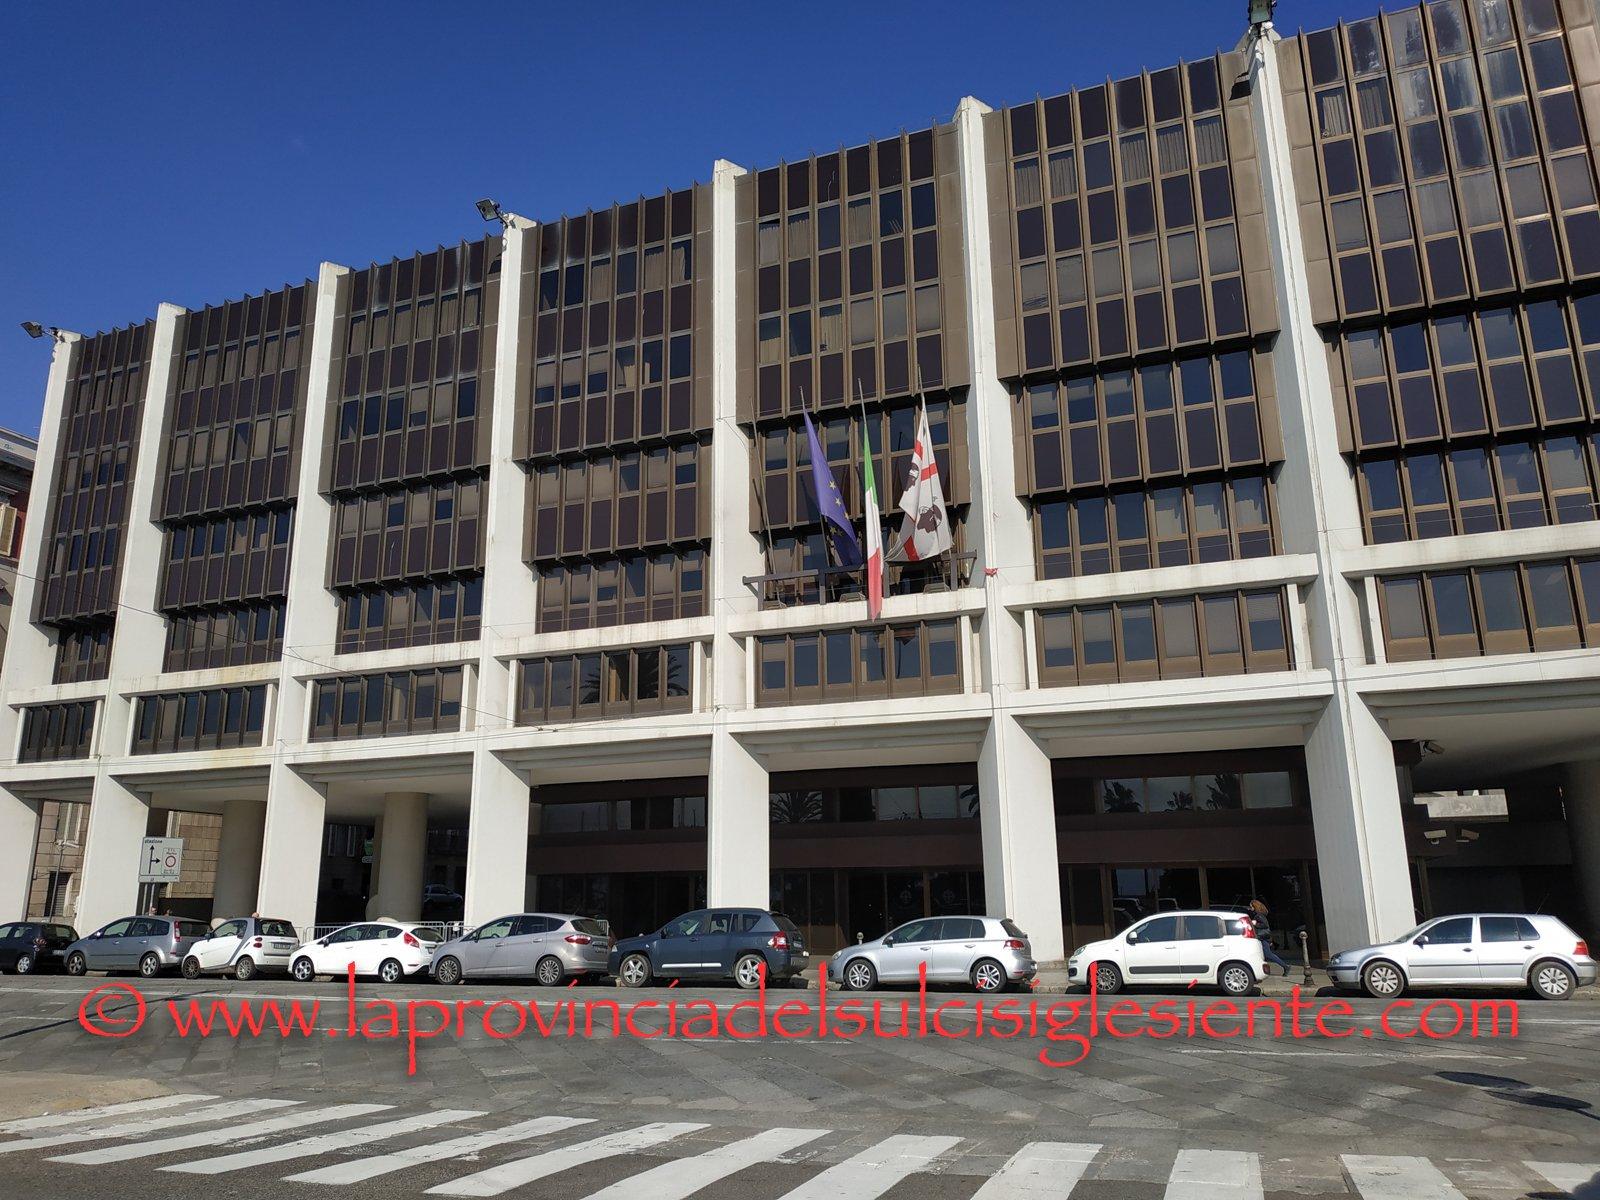 La commissione Autonomia del Consiglio regionale ha approvato il disegno di legge contenente disposizioni in materia di enti locali.